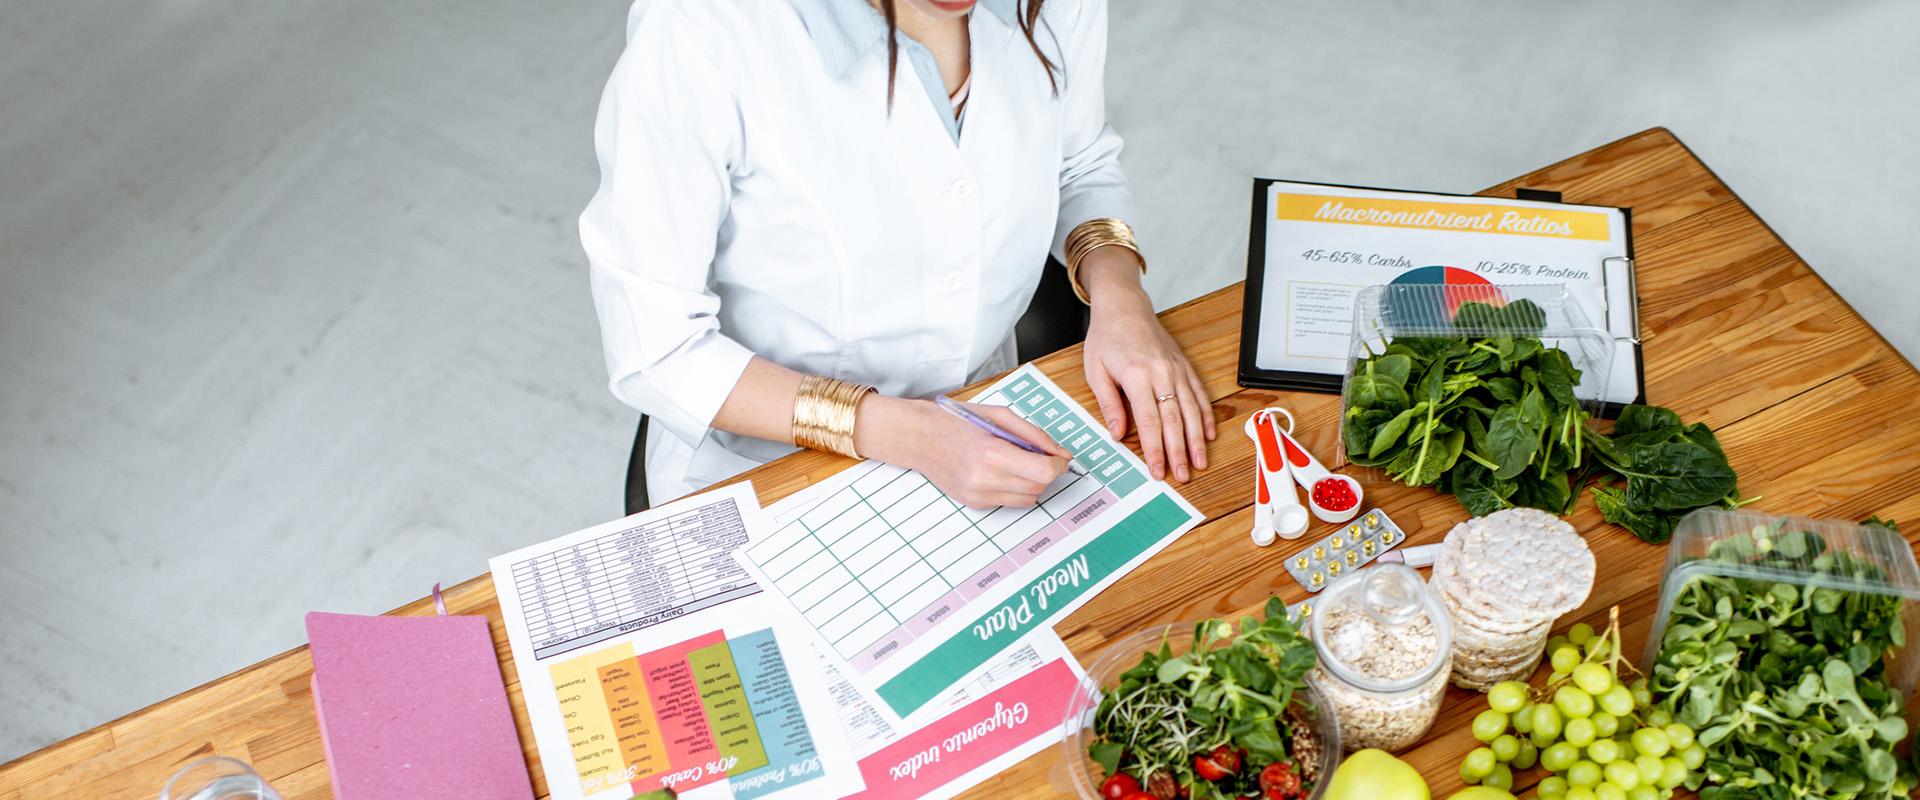 Διαιτολόγος φτιάχνει πρόγραμμα Διατροφής